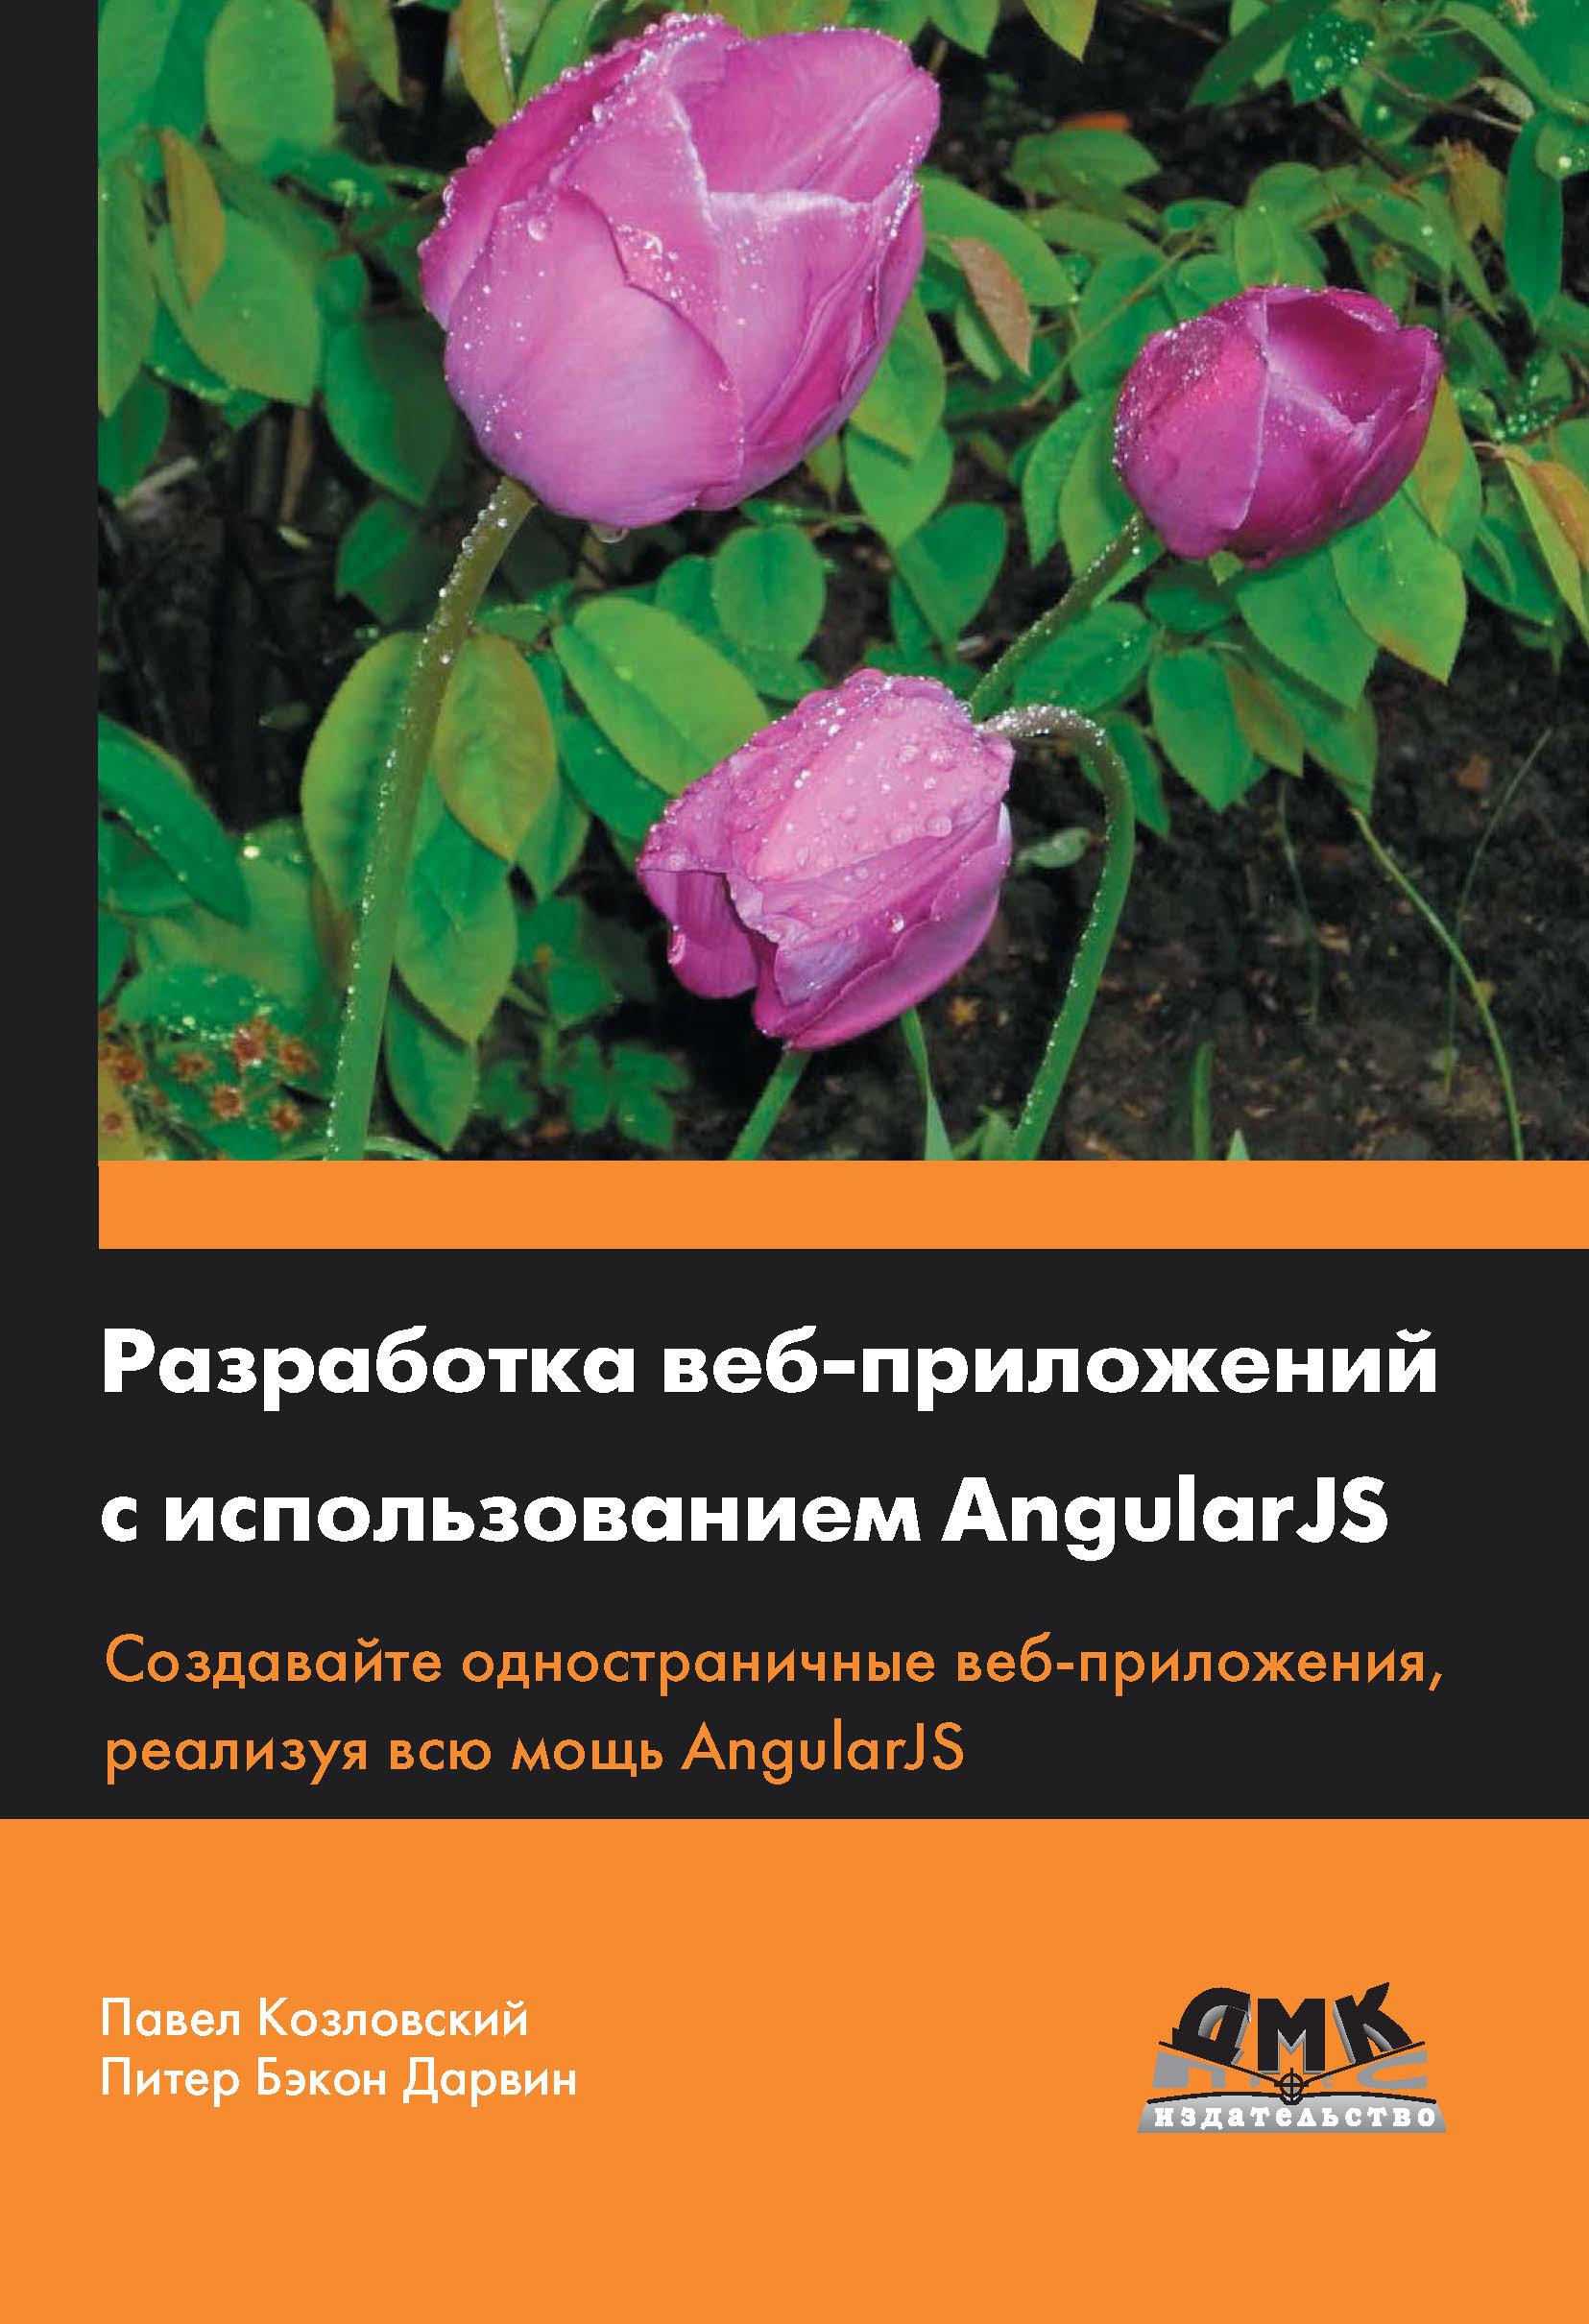 Павел Козловский Разработка веб-приложений с использованием AngularJS секс через веб камеру онлайн